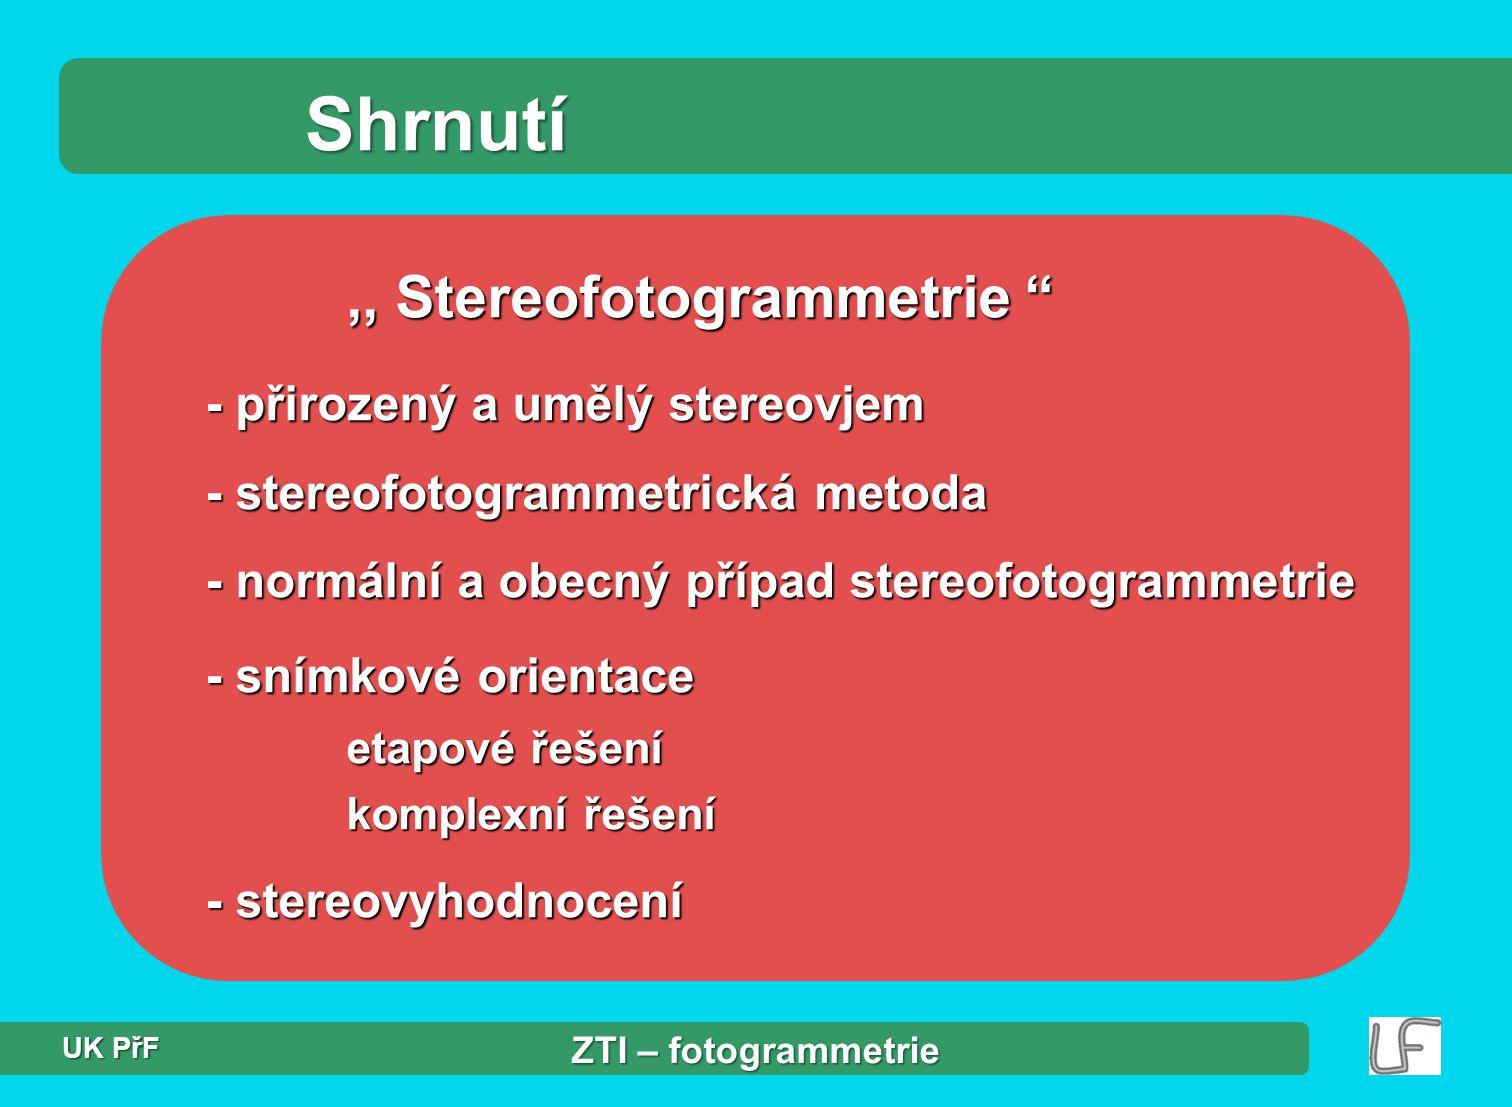 Shrnutí,, Stereofotogrammetrie - přirozený a umělý stereovjem - stereofotogrammetrická metoda - normální a obecný případ stereofotogrammetrie - snímkové orientace etapové řešení komplexní řešení - stereovyhodnocení ZTI – fotogrammetrie UK PřF